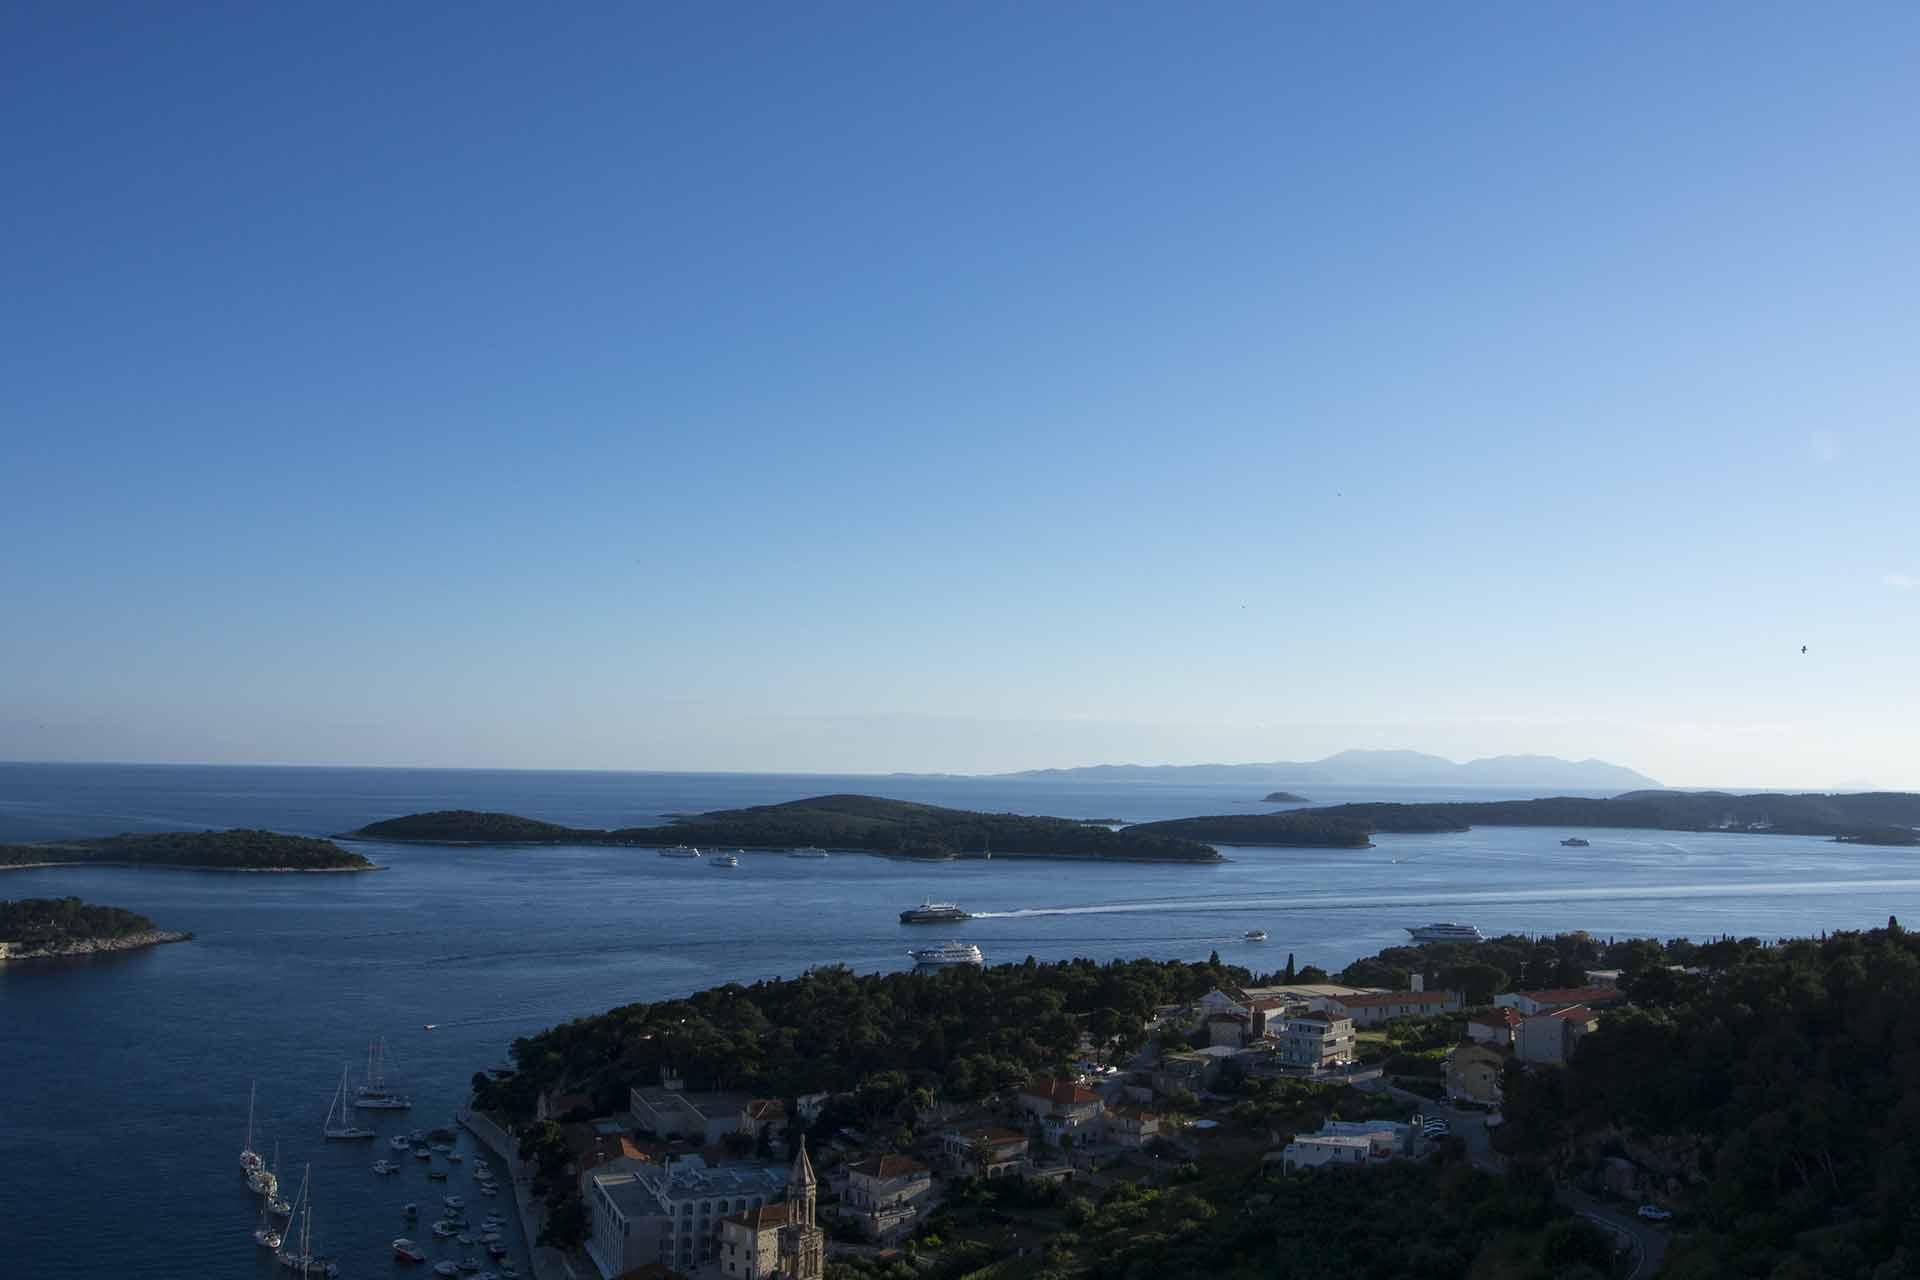 Croazia In Barca: Crociera In Dalmazia, Quattro Tappe Da Sogno